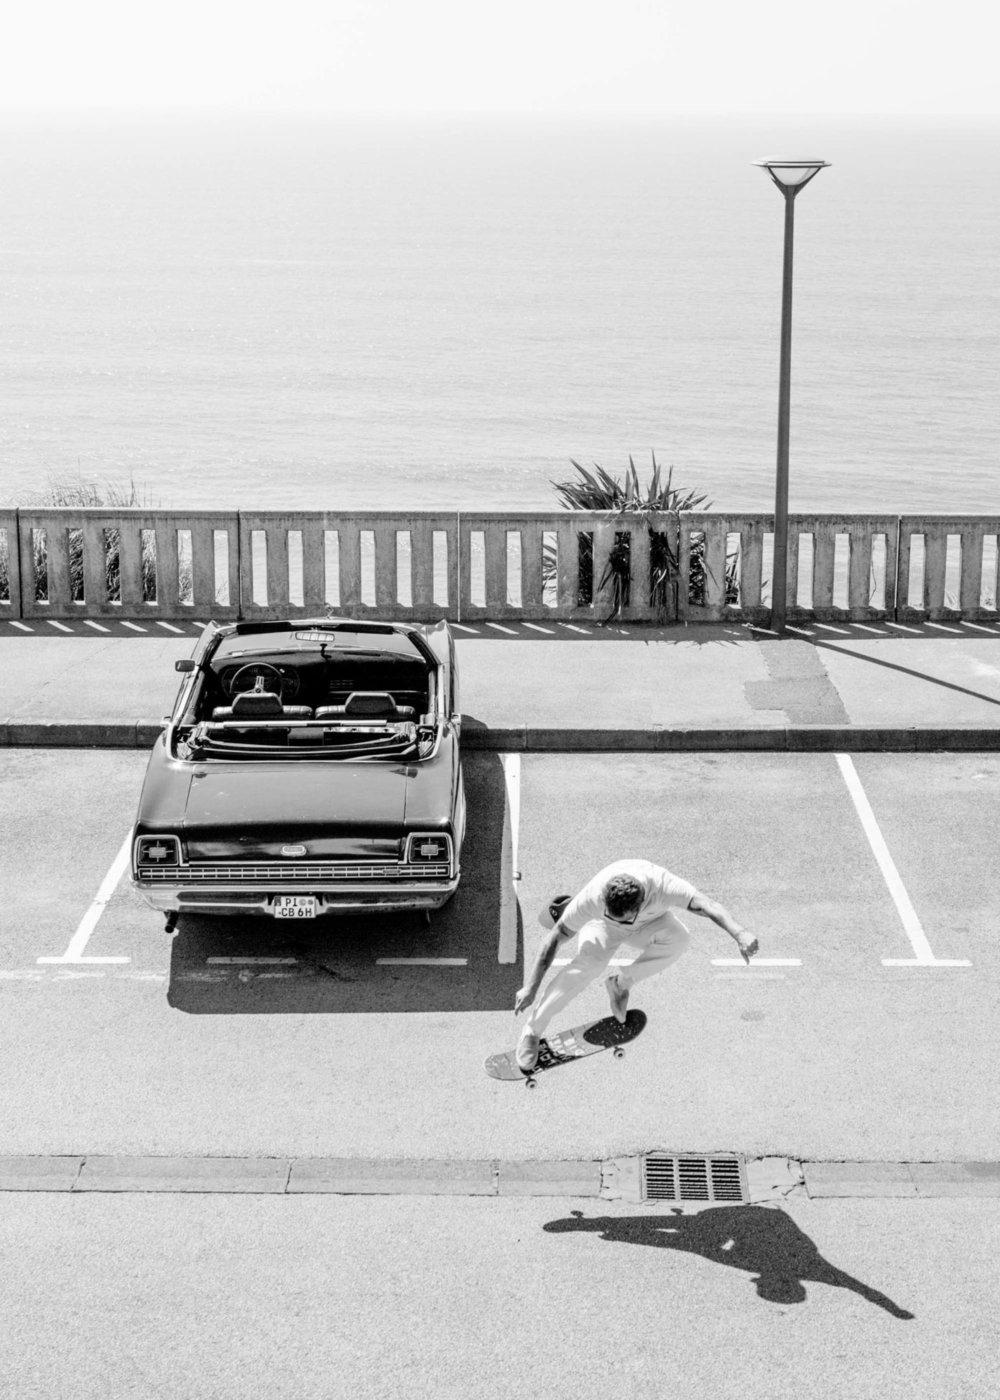 sebastien-zanella-surf-skate-photgraphy-10.jpg